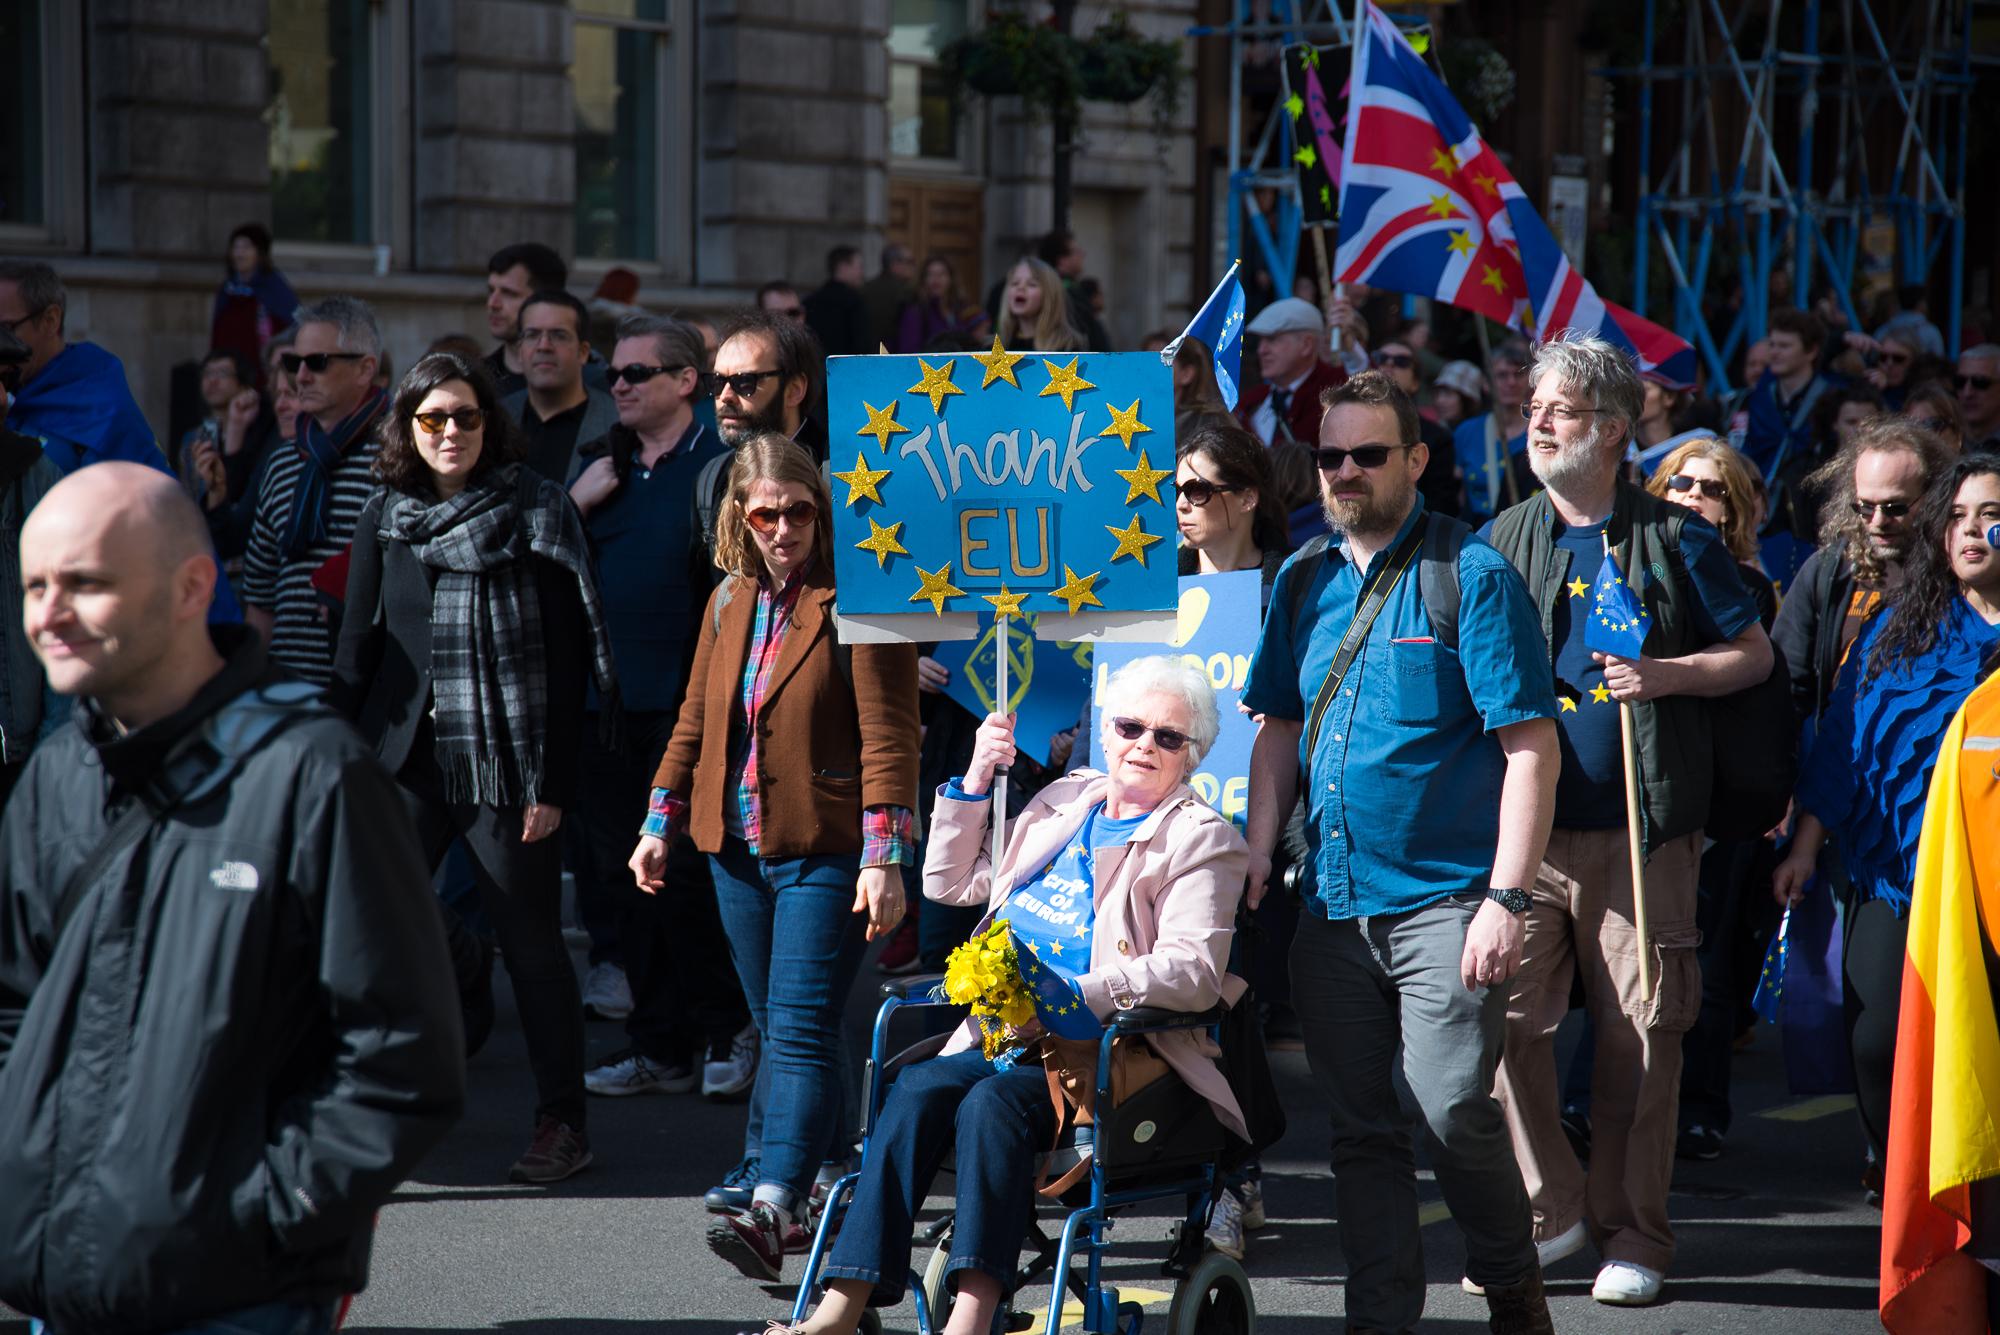 Europeans more positive about EU, survey shows